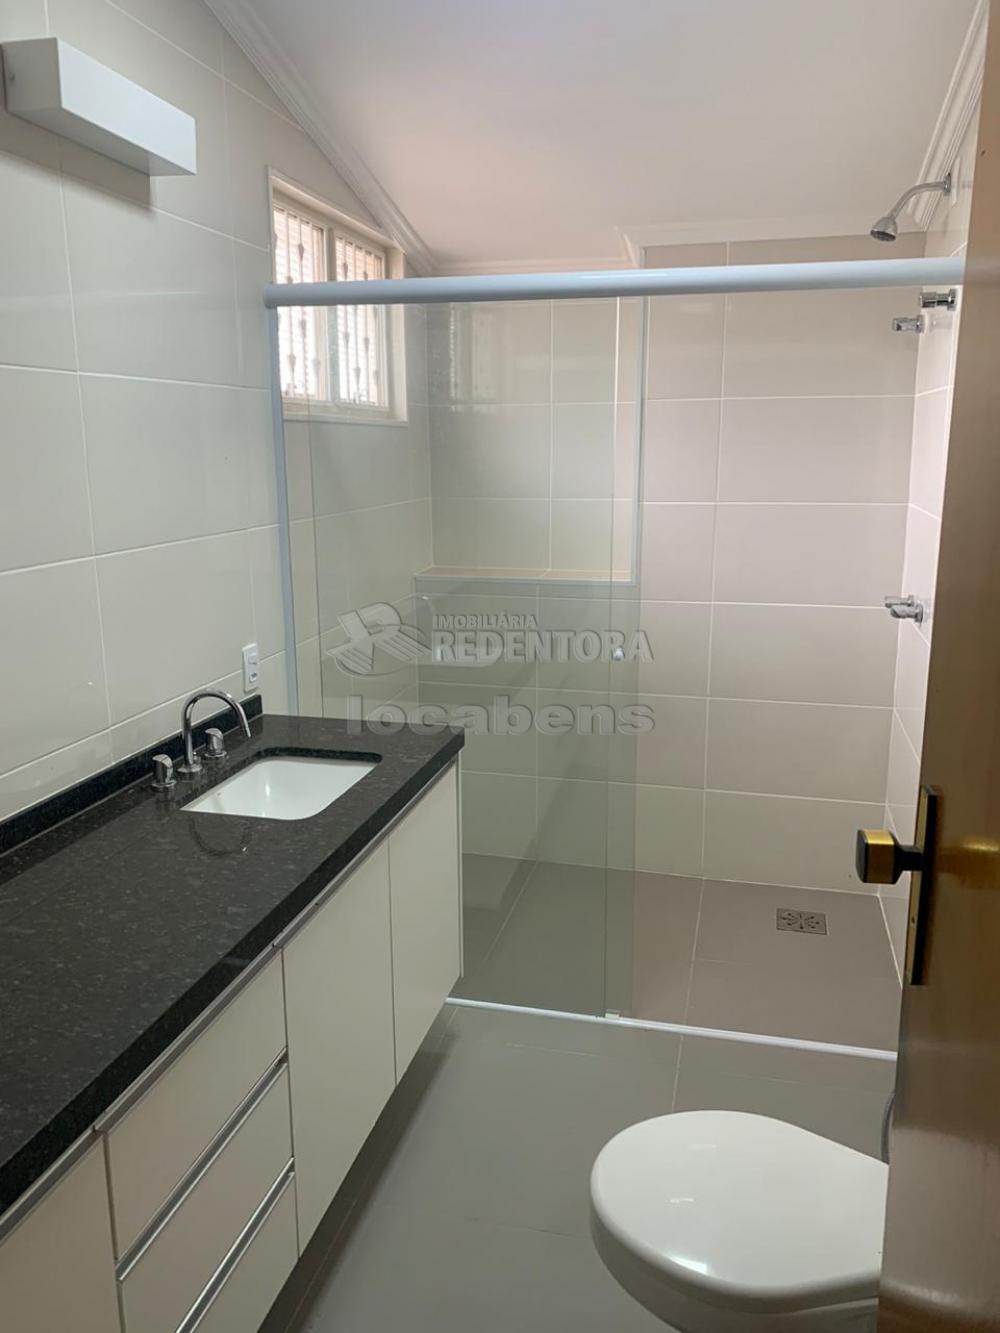 Comprar Casa / Sobrado em São José do Rio Preto R$ 700.000,00 - Foto 16